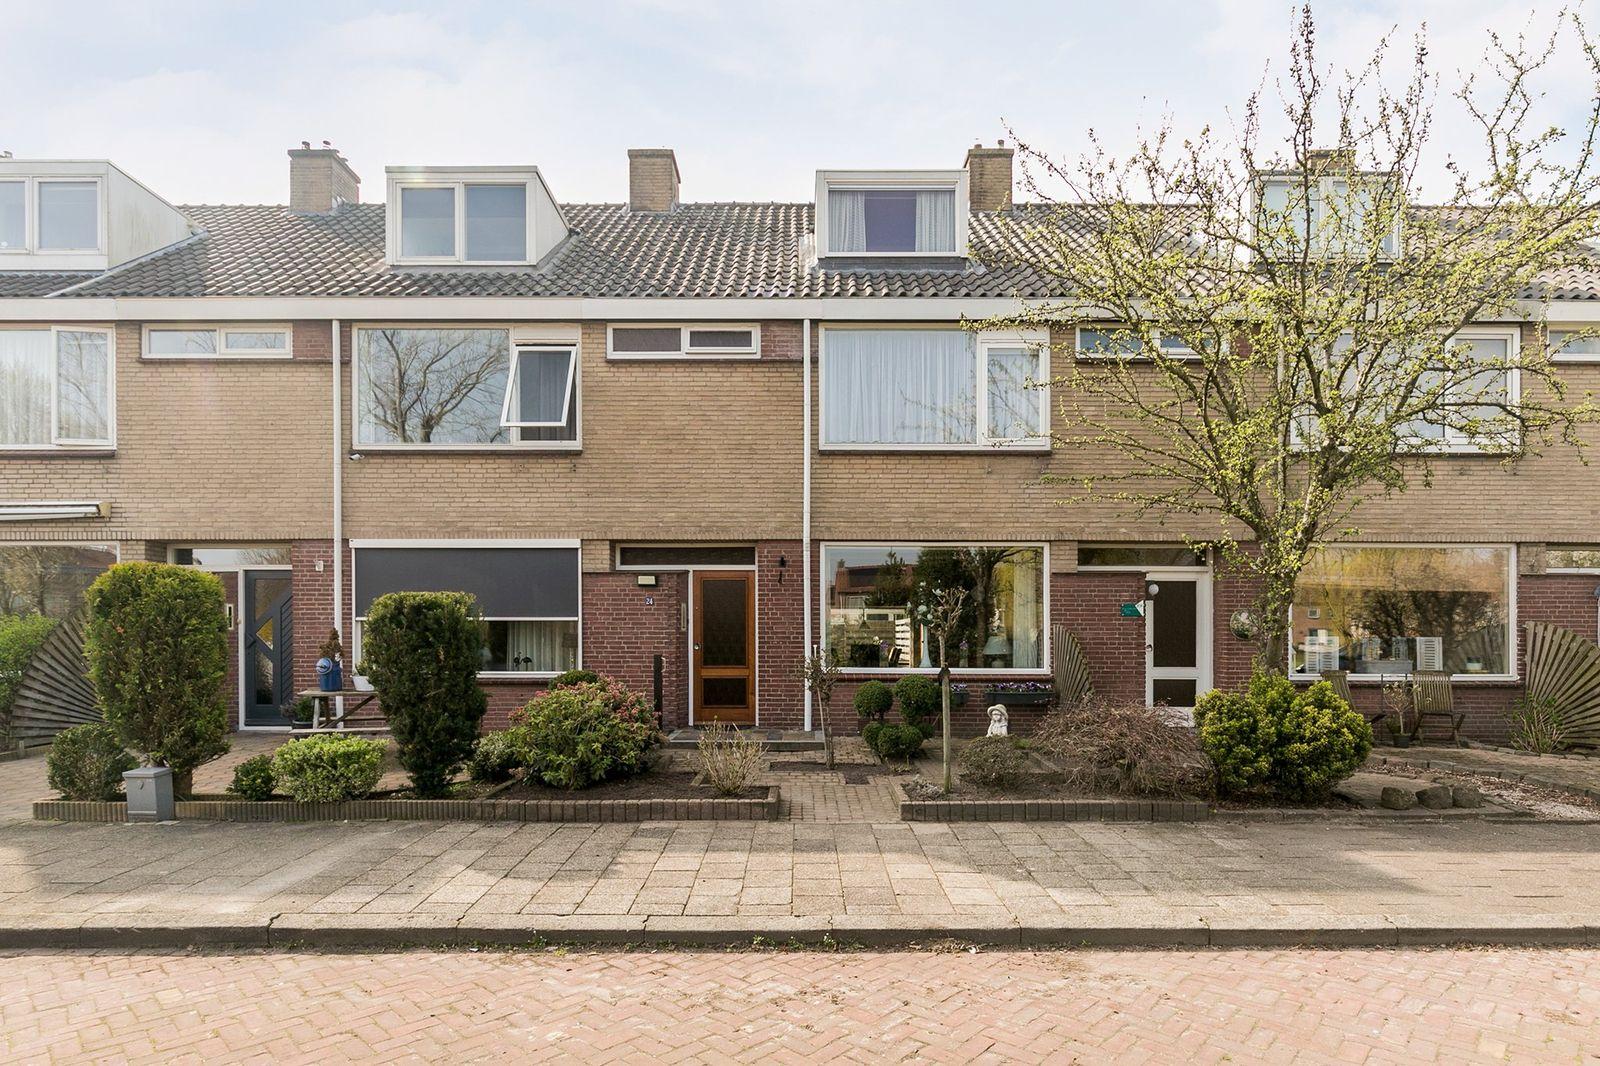 Paulus Potterstraat 24, Hoogeveen